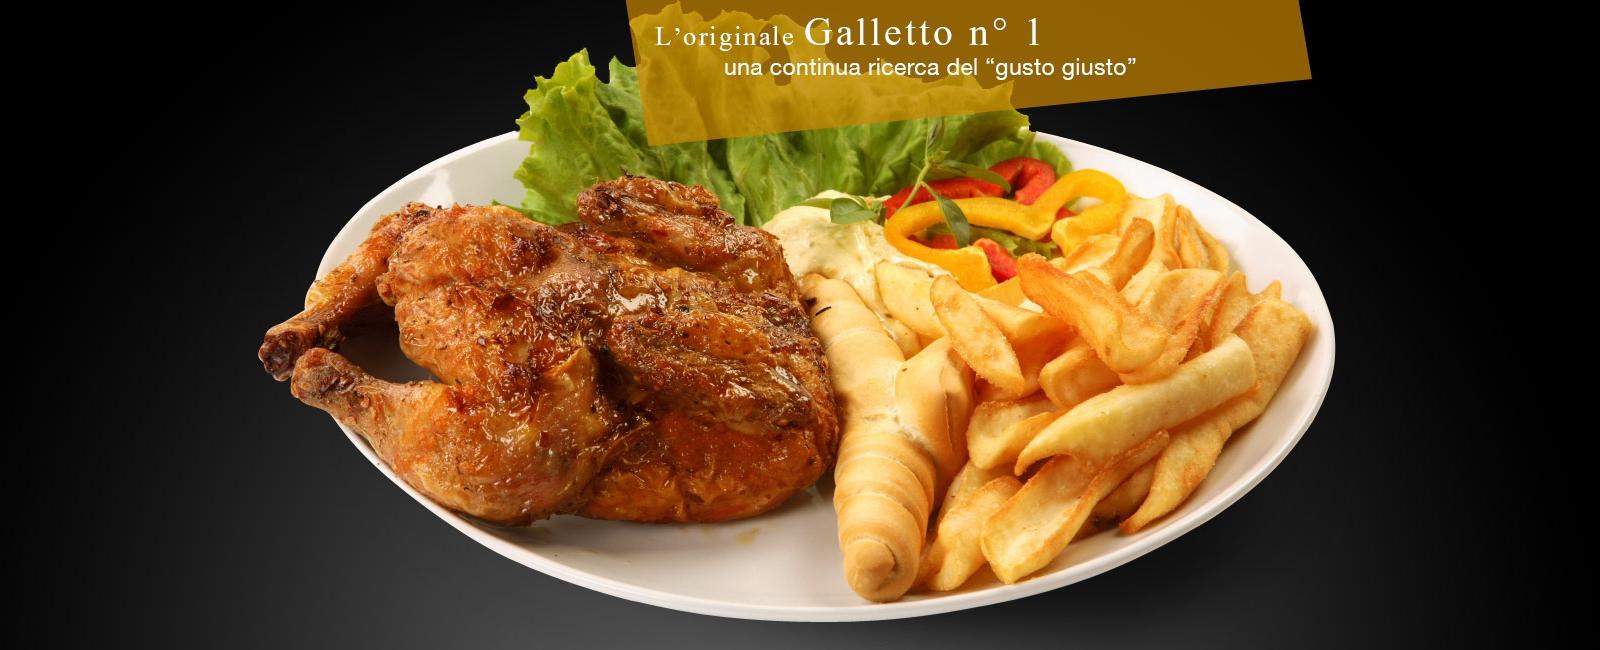 <div>L'originale Galletto nr. 1<br />una continua ricerca del 'gusto giusto'</div>